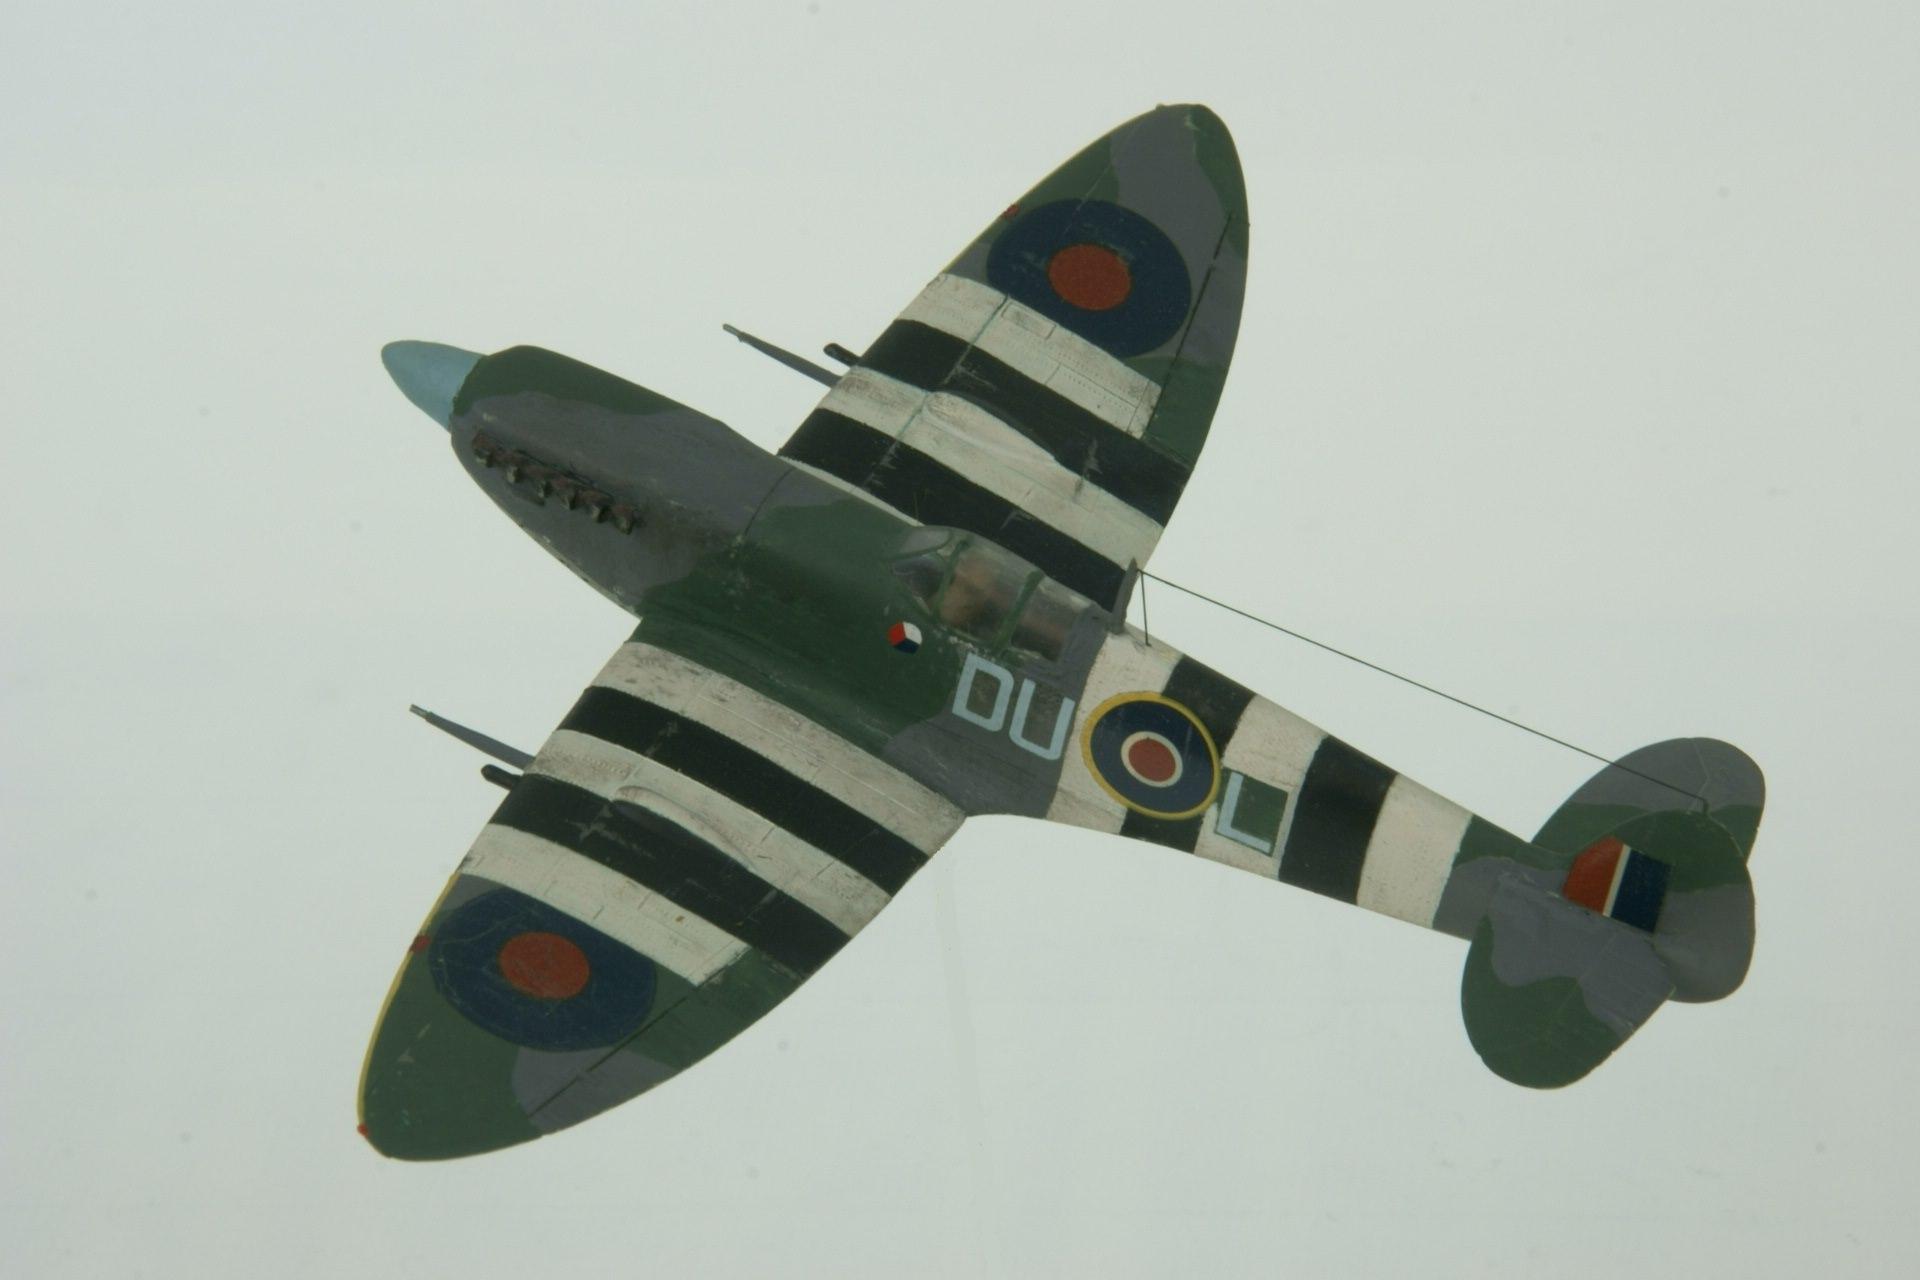 Supermarine spitfire lf ixc 3 1